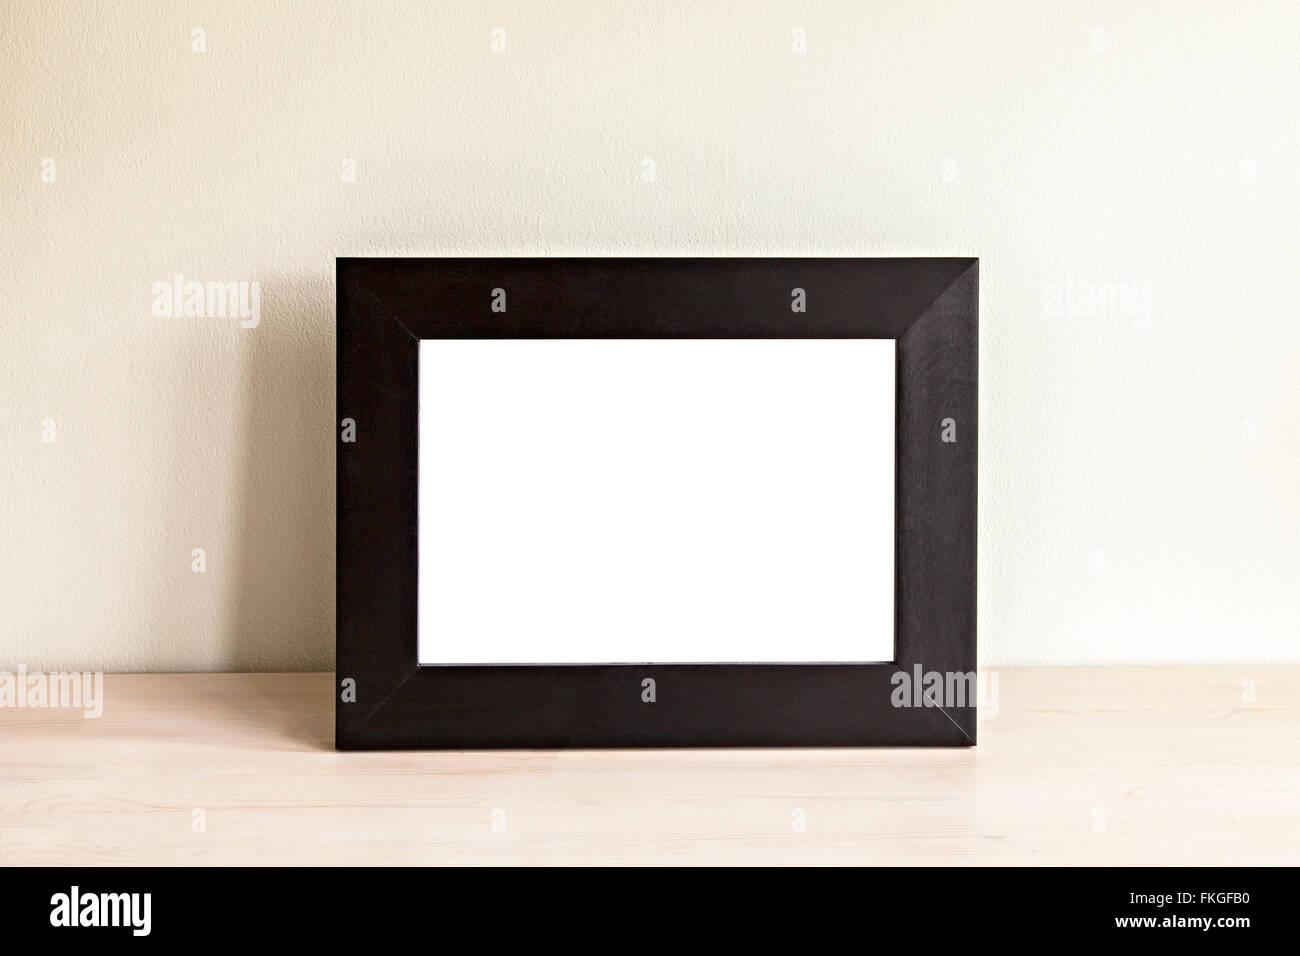 Frame Mockup Stockfotos & Frame Mockup Bilder - Alamy